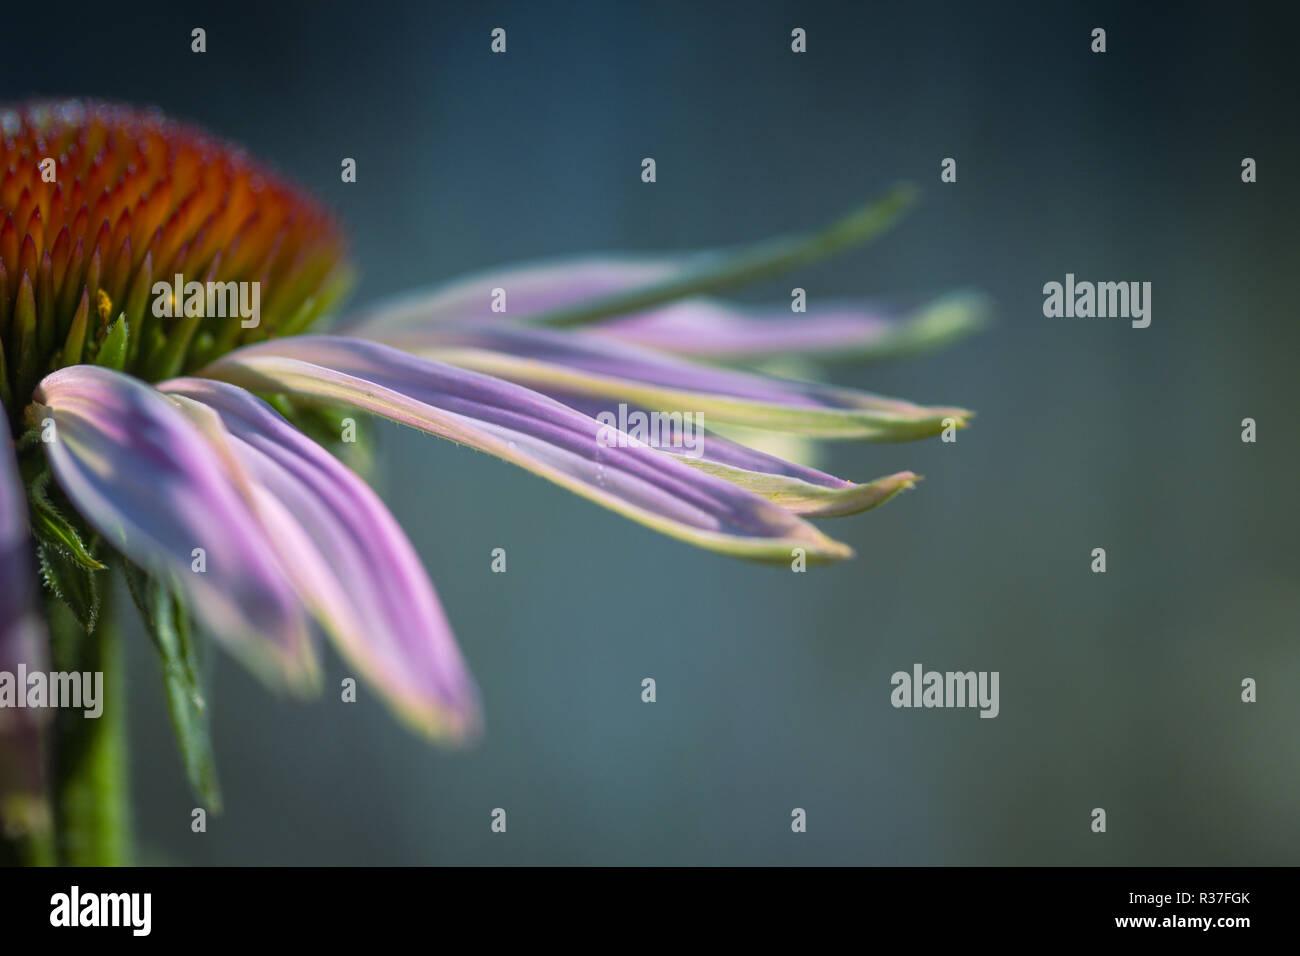 Blütenblätter vom Sonnenhut - Stock Image